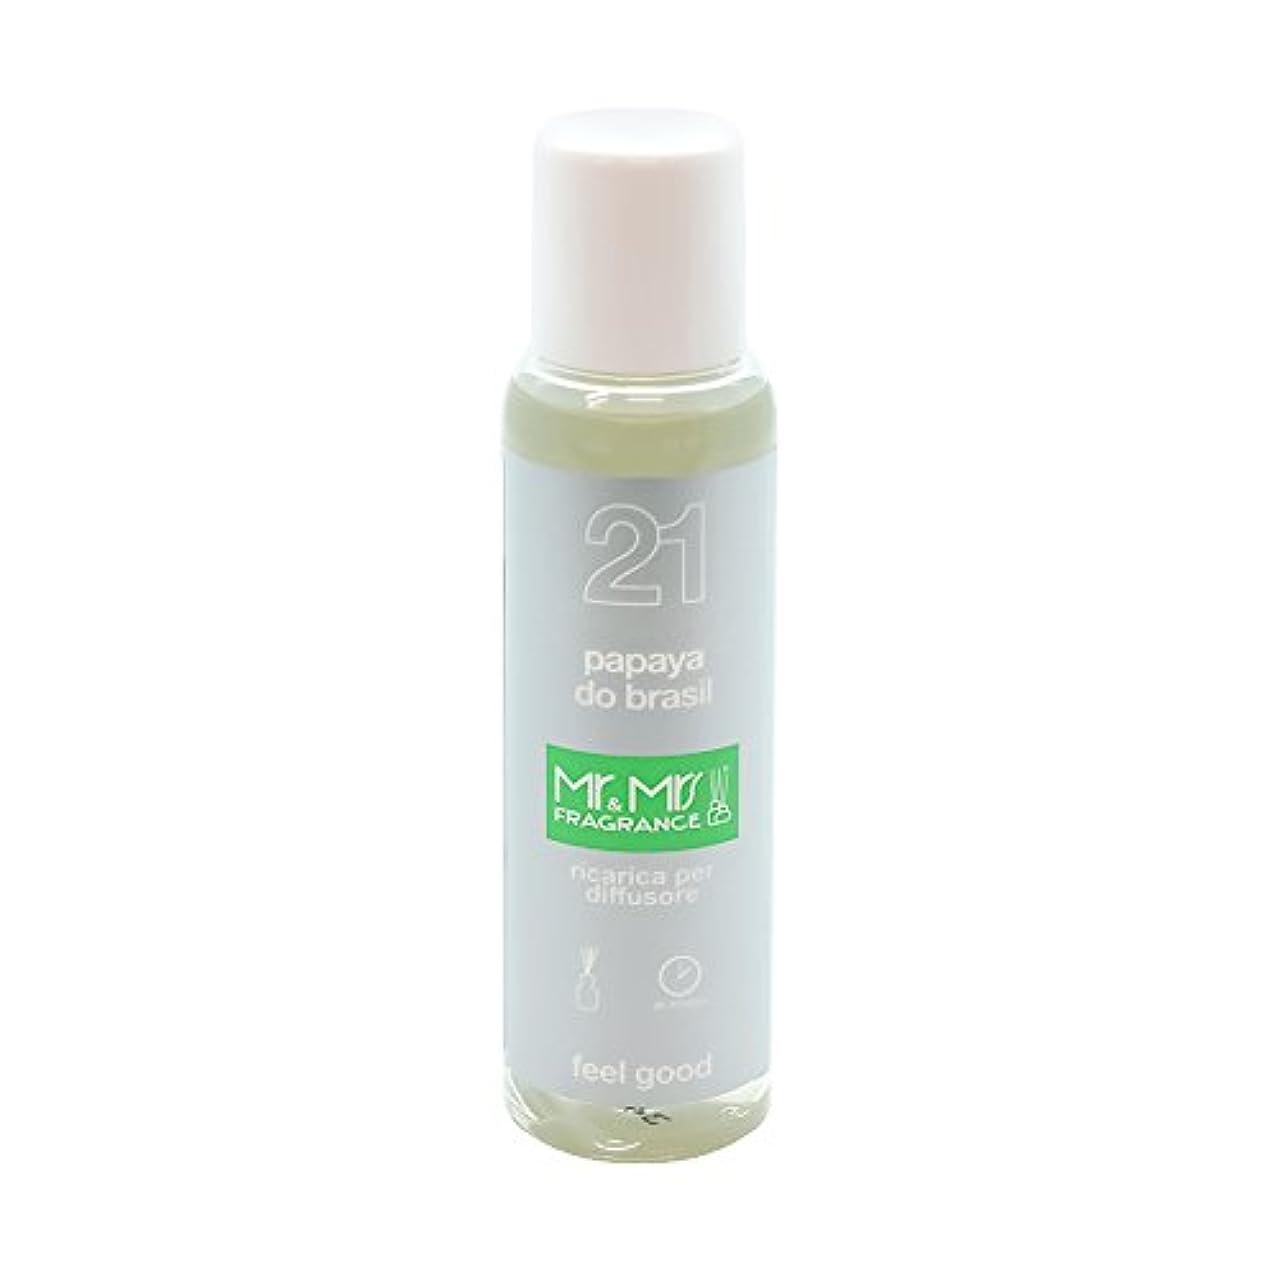 Mr&Mrs(ミスターアンドミセス)easy fragrance 21 パパイヤ リフィル 100ml